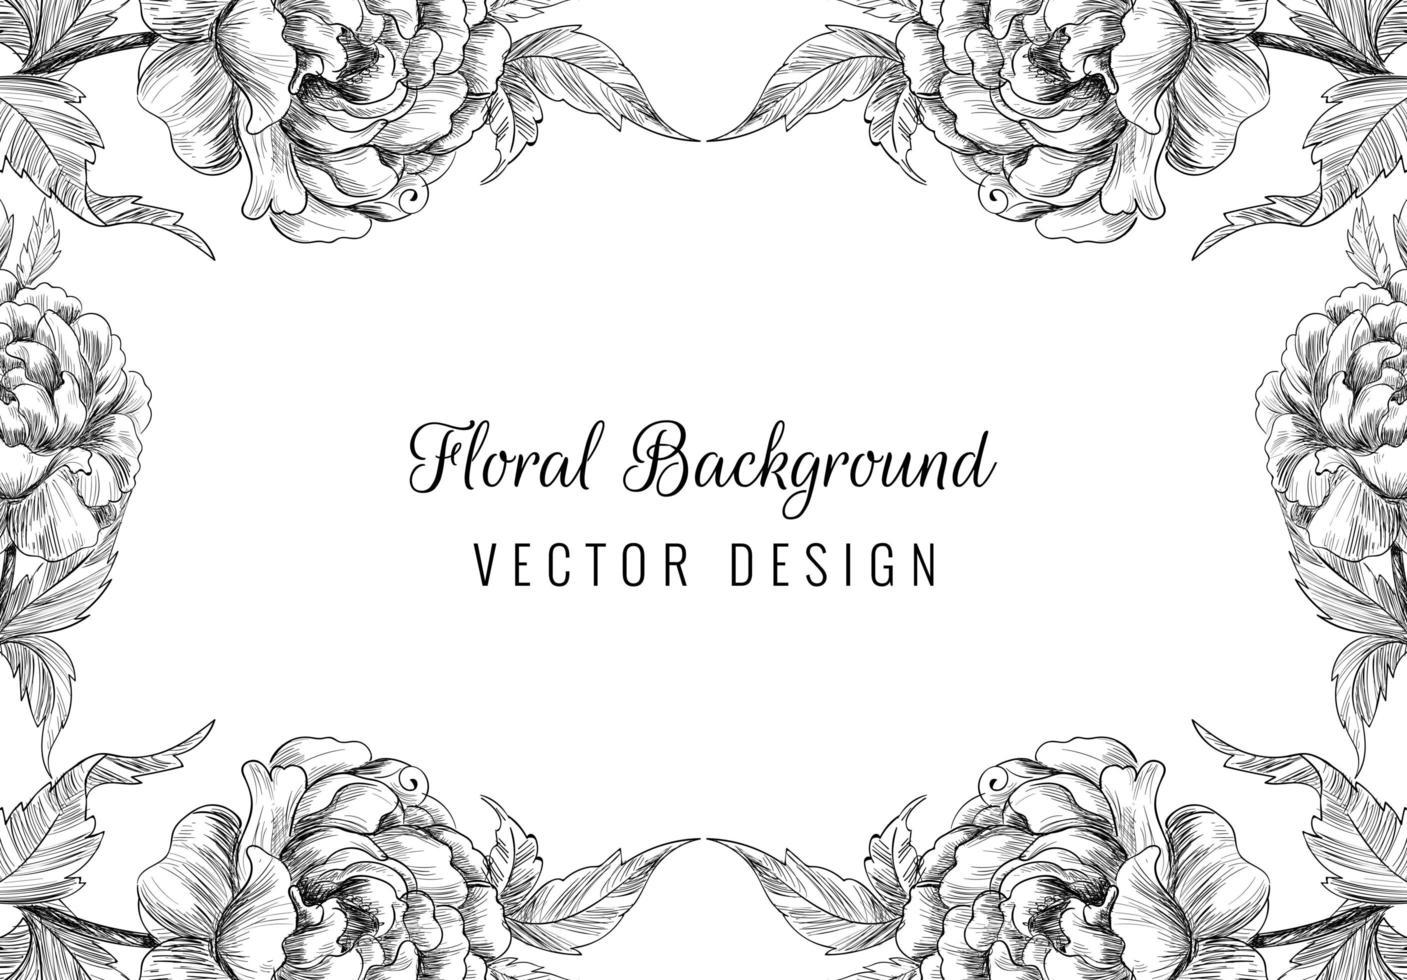 schöner handgezeichneter Blumenrahmen der Hochzeitsverzierung vektor